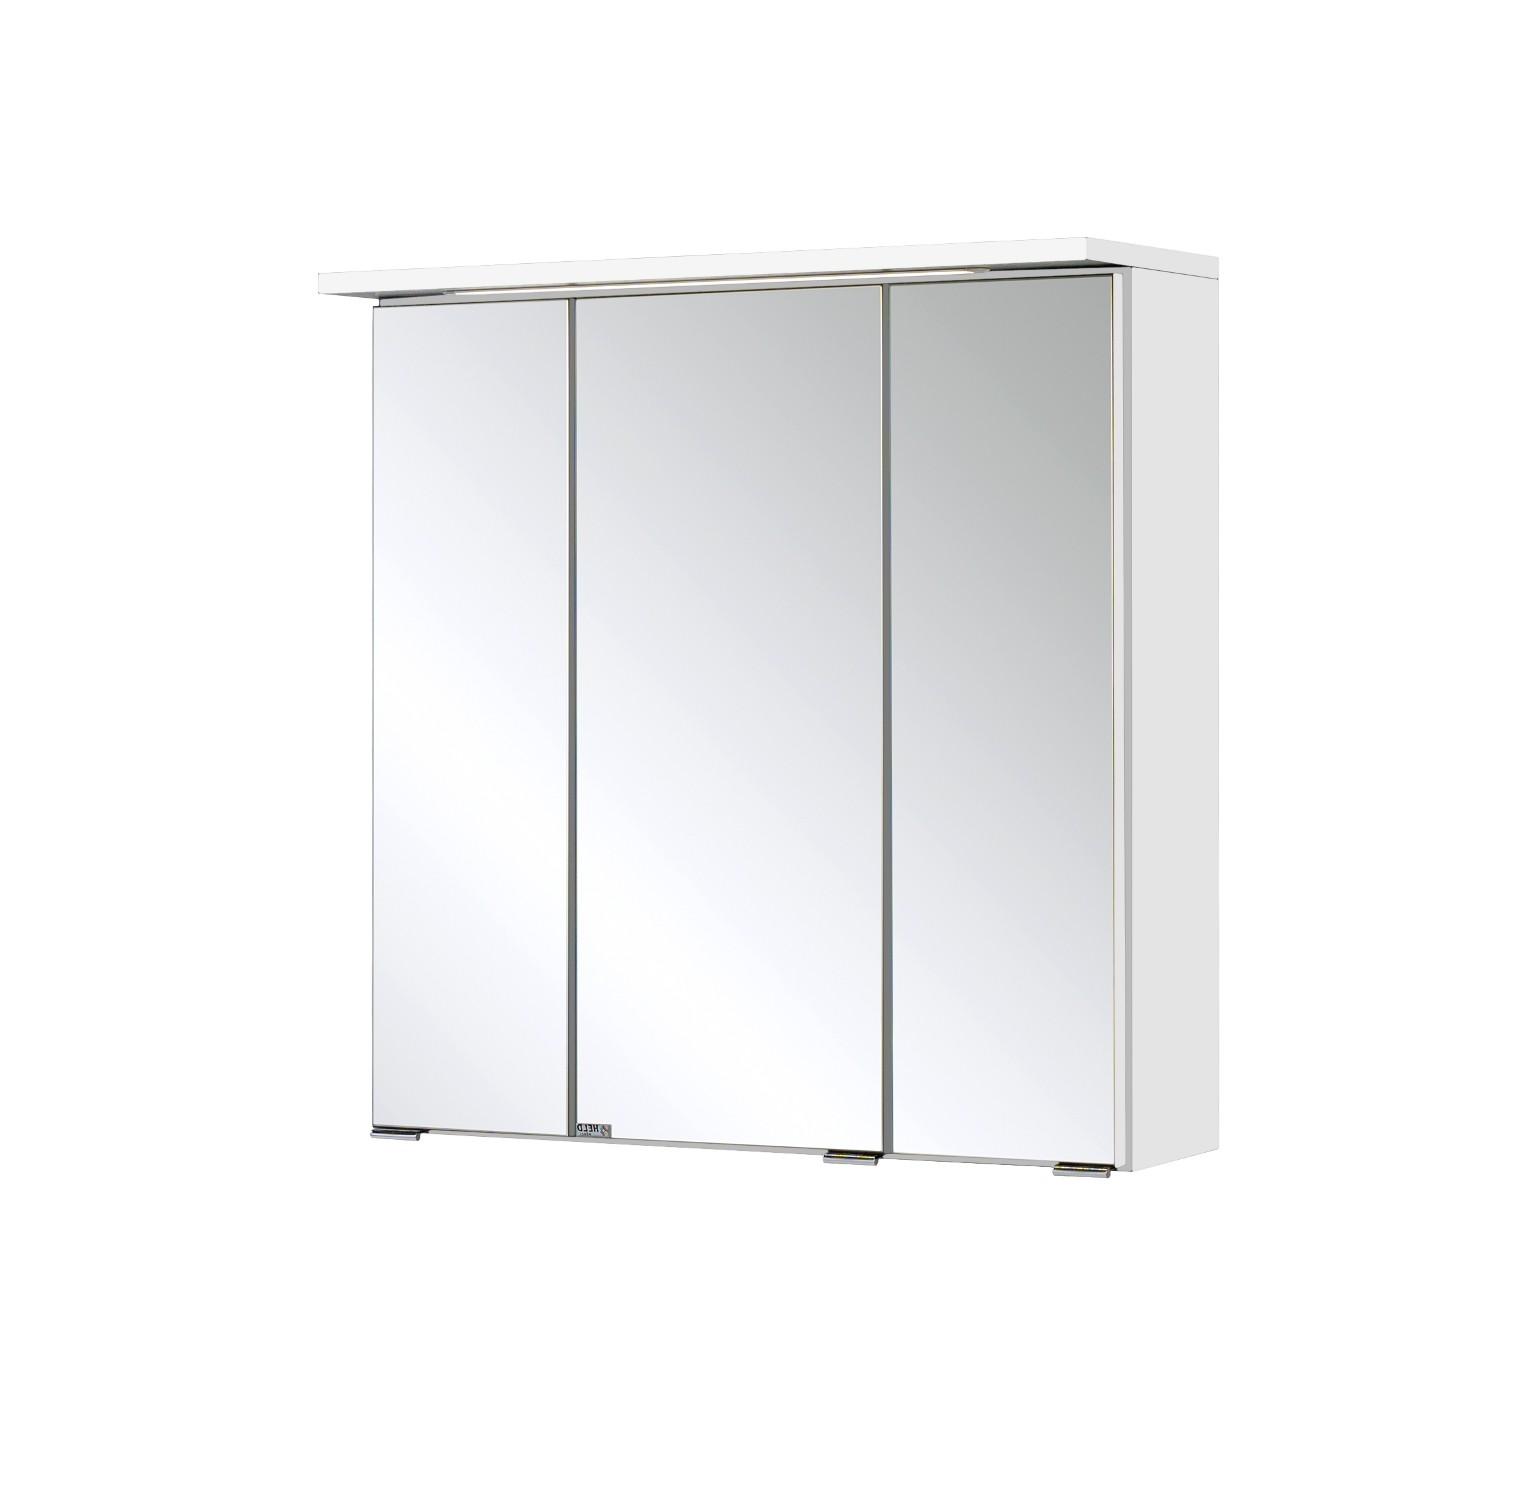 spiegelschrank 60 cm breit gu87 hitoiro. Black Bedroom Furniture Sets. Home Design Ideas